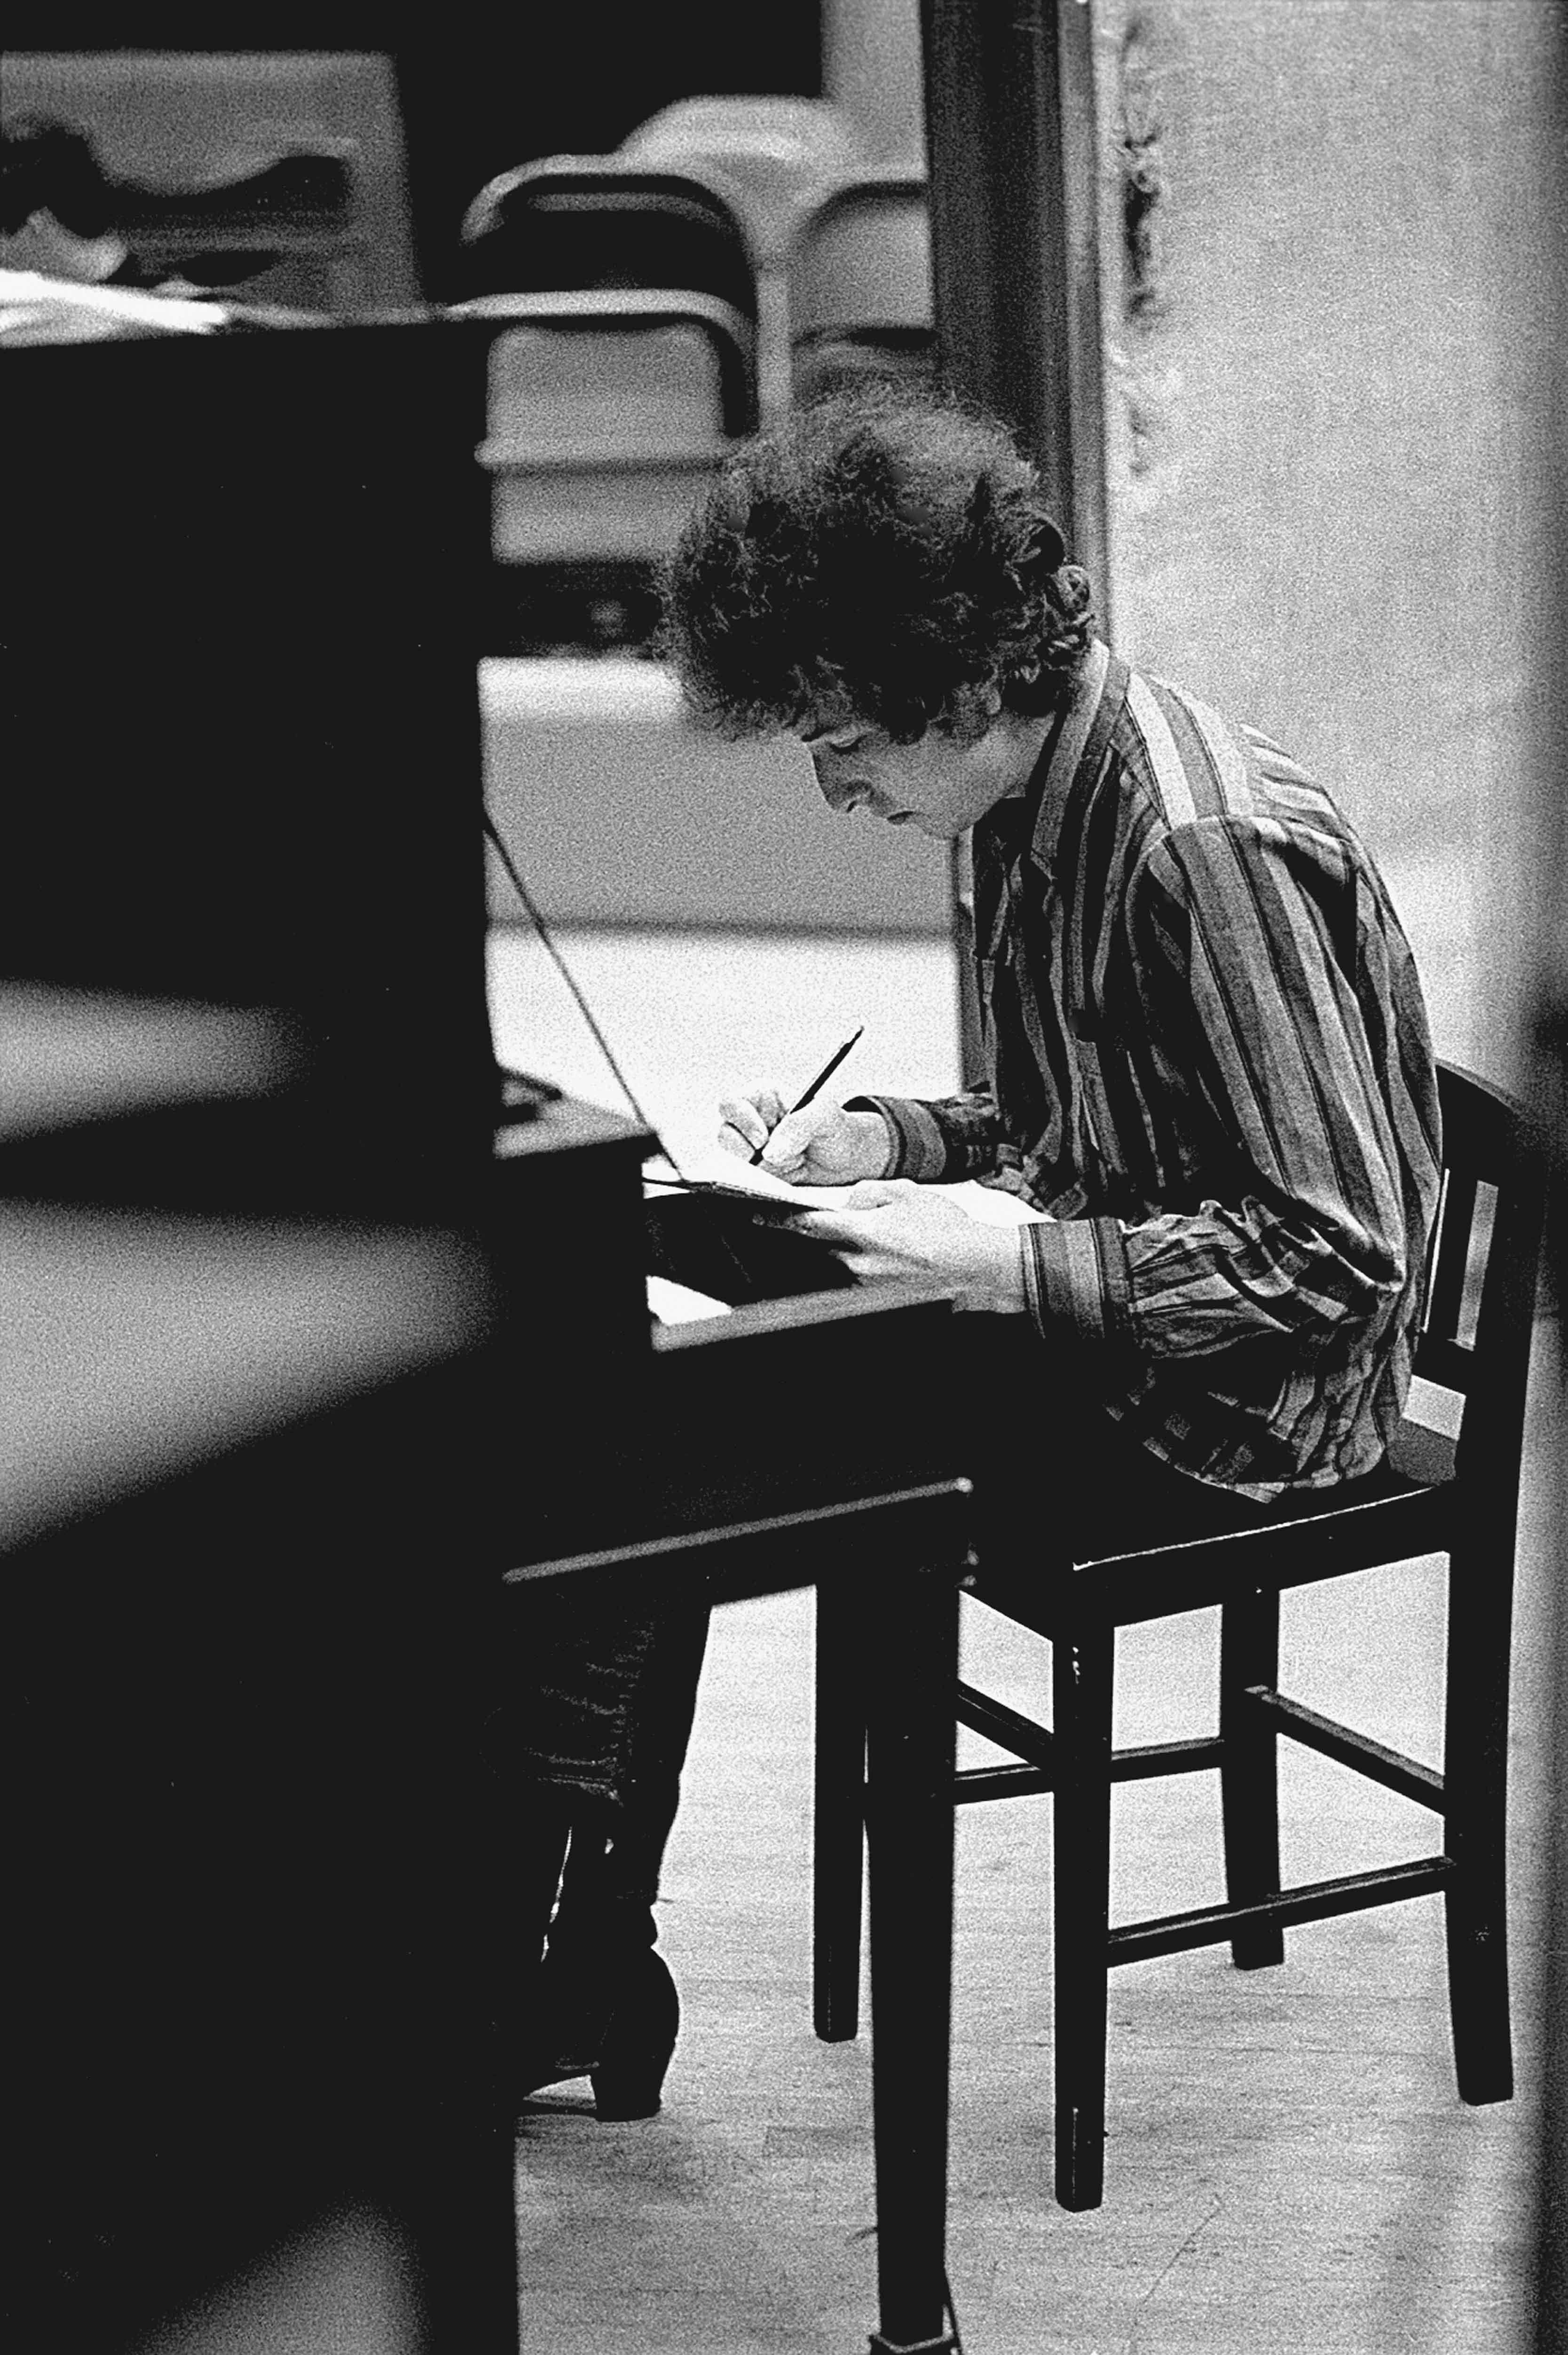 Jerry Schatzberg, L'écrivain (1965) Argentique, 101x76cm.